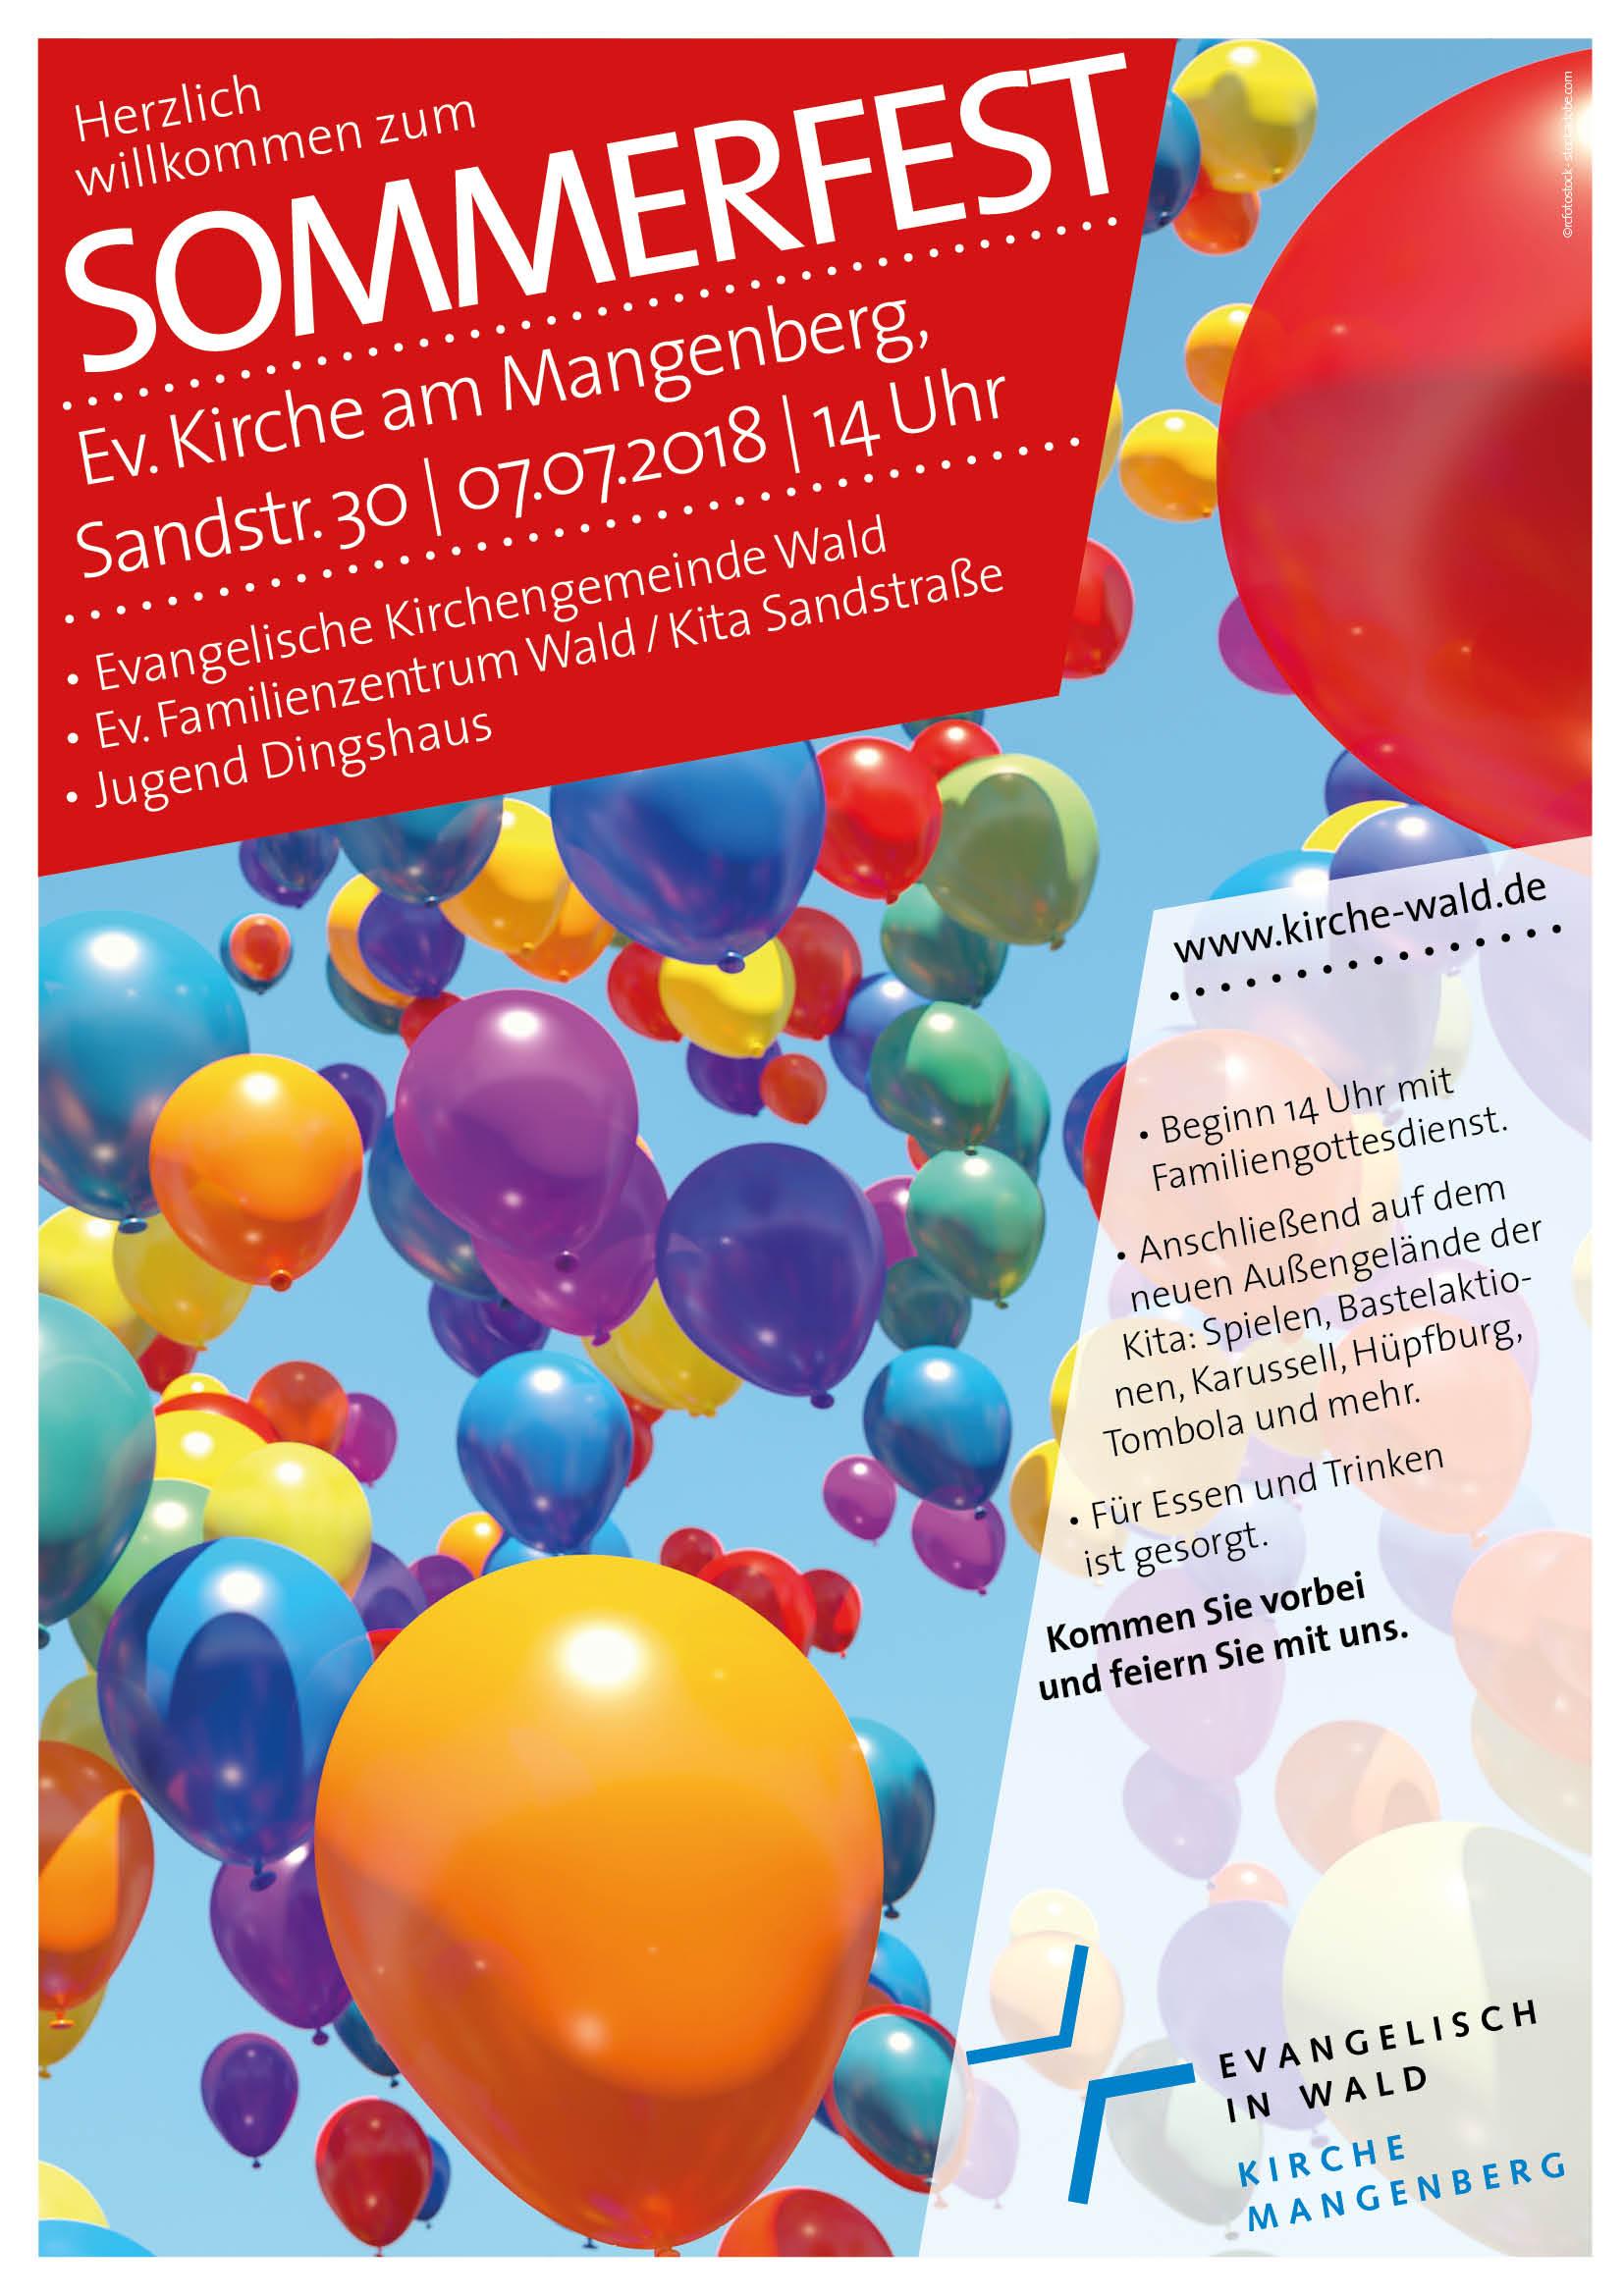 gemeindefestmangenberg2018